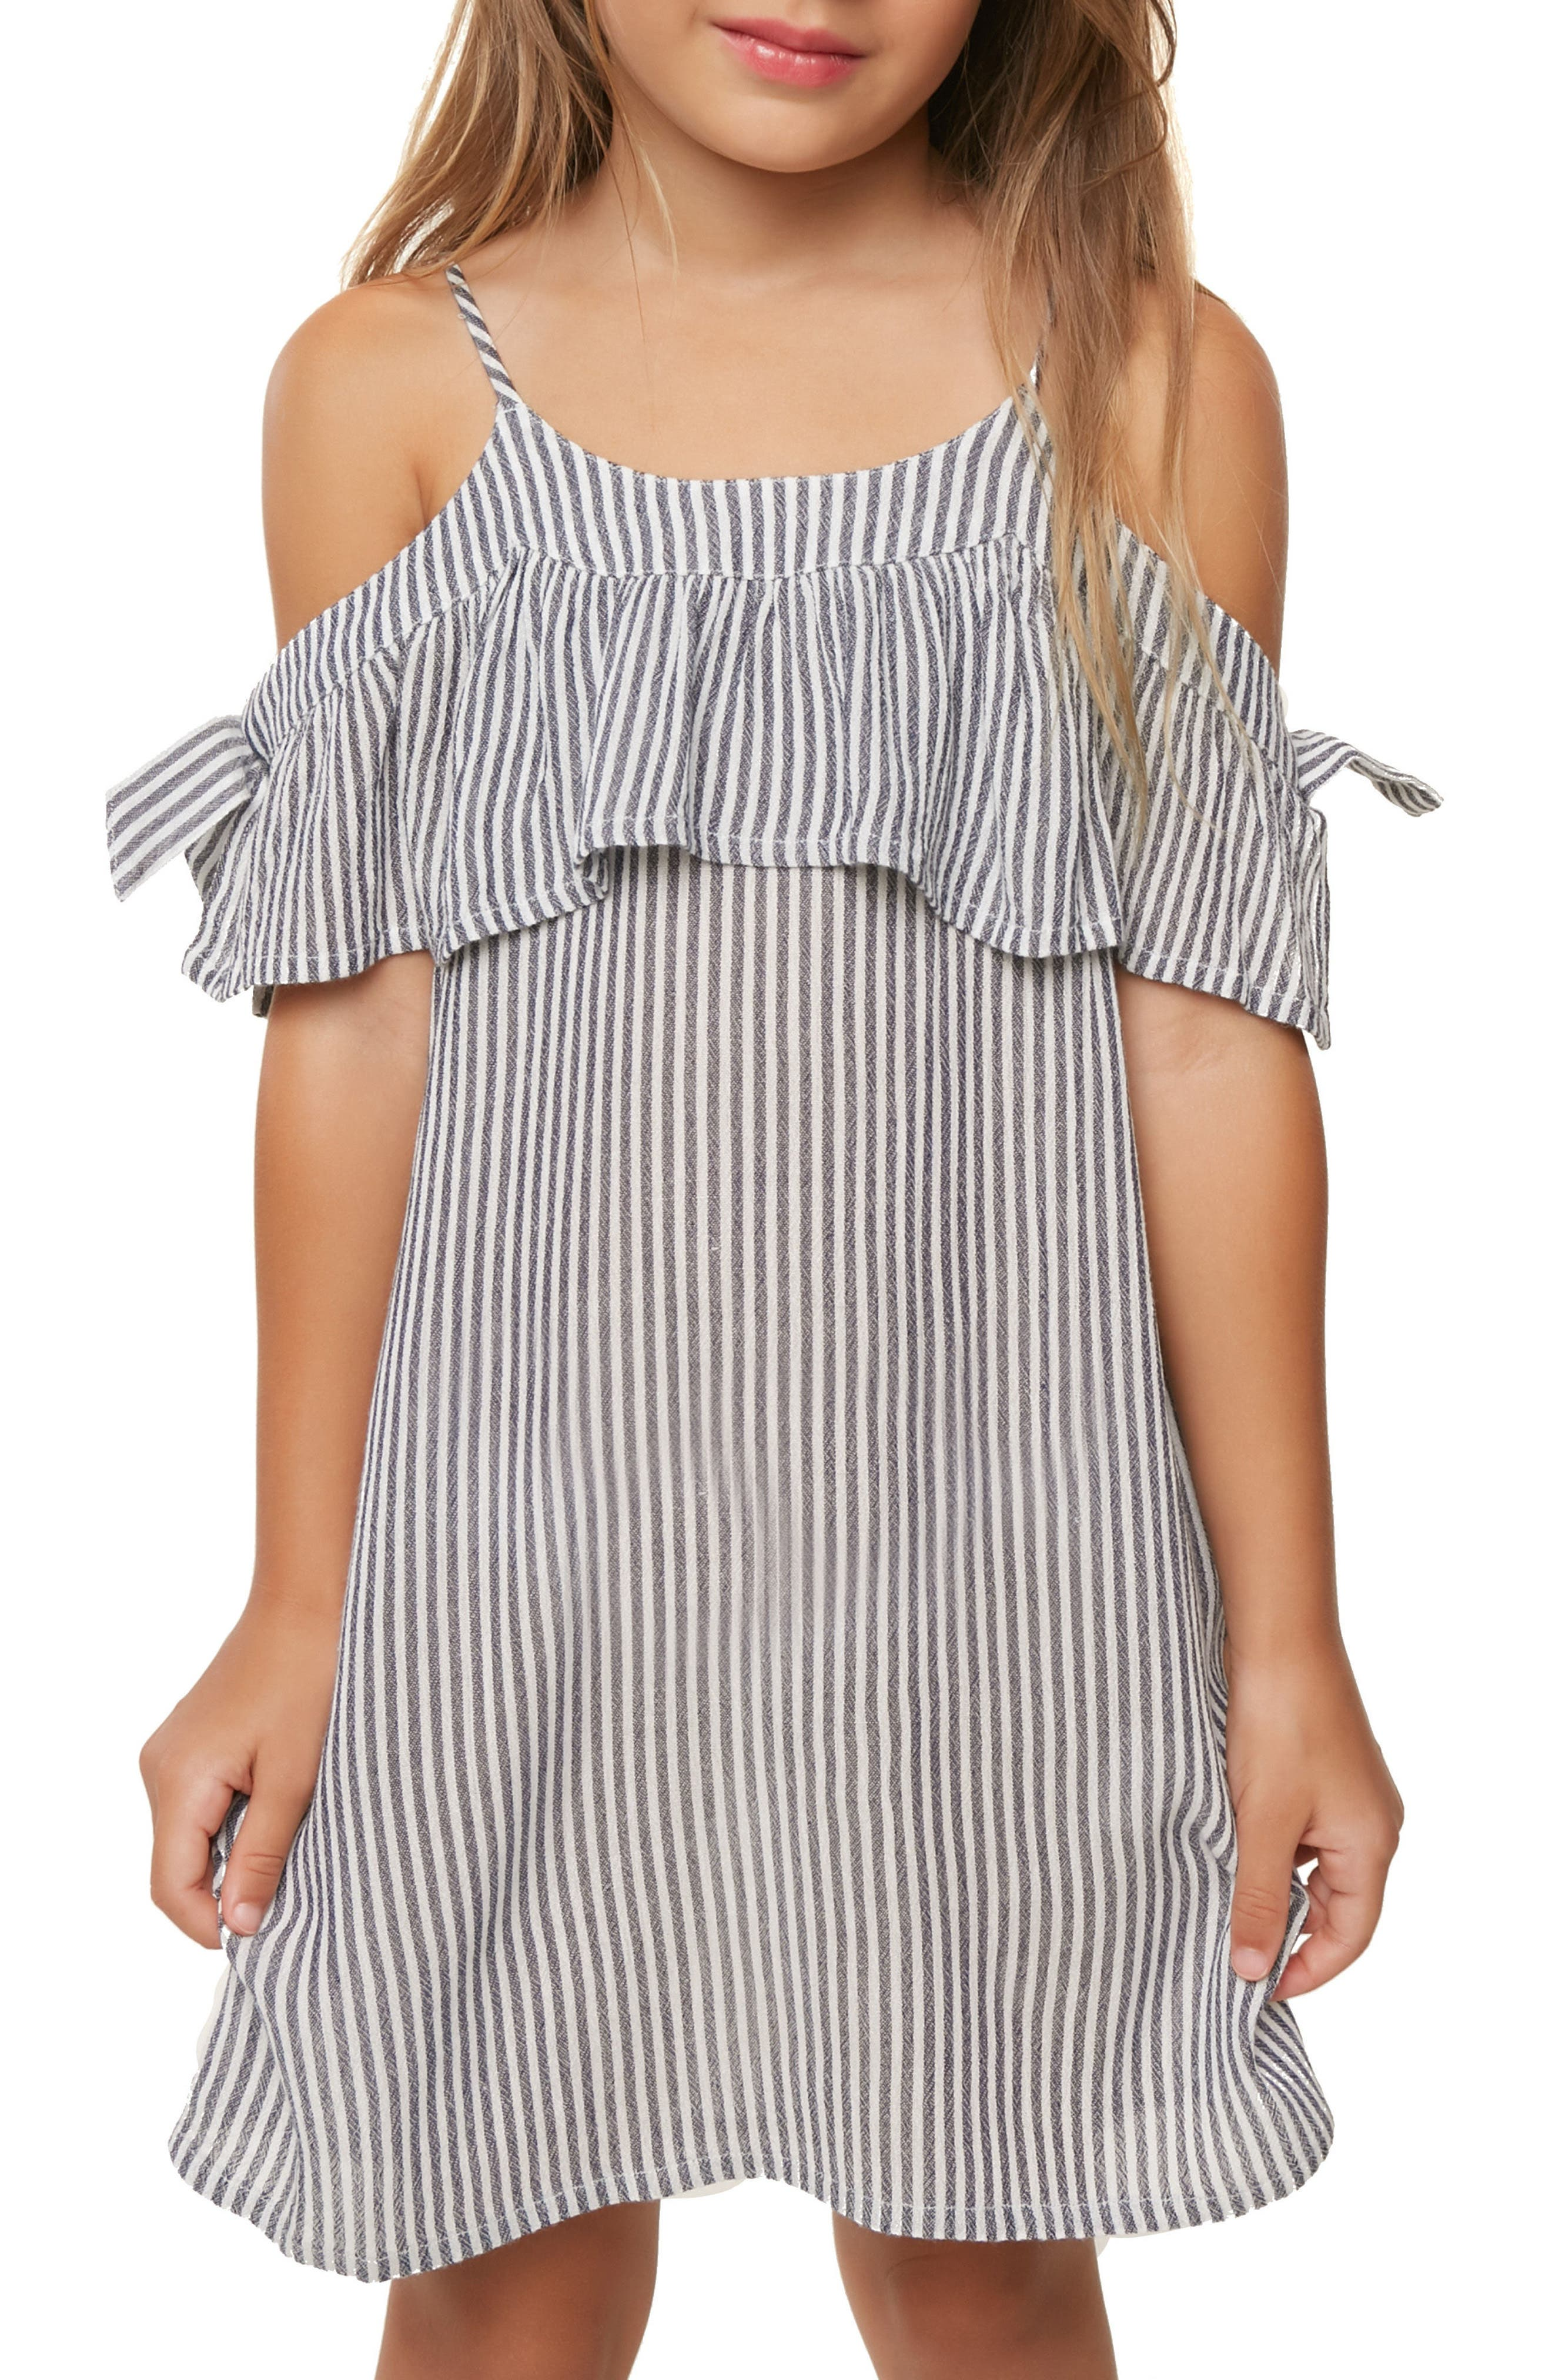 Myla Stripe Cold Shoulder Cover-Up Dress,                             Alternate thumbnail 5, color,                             WASHED INDIGO